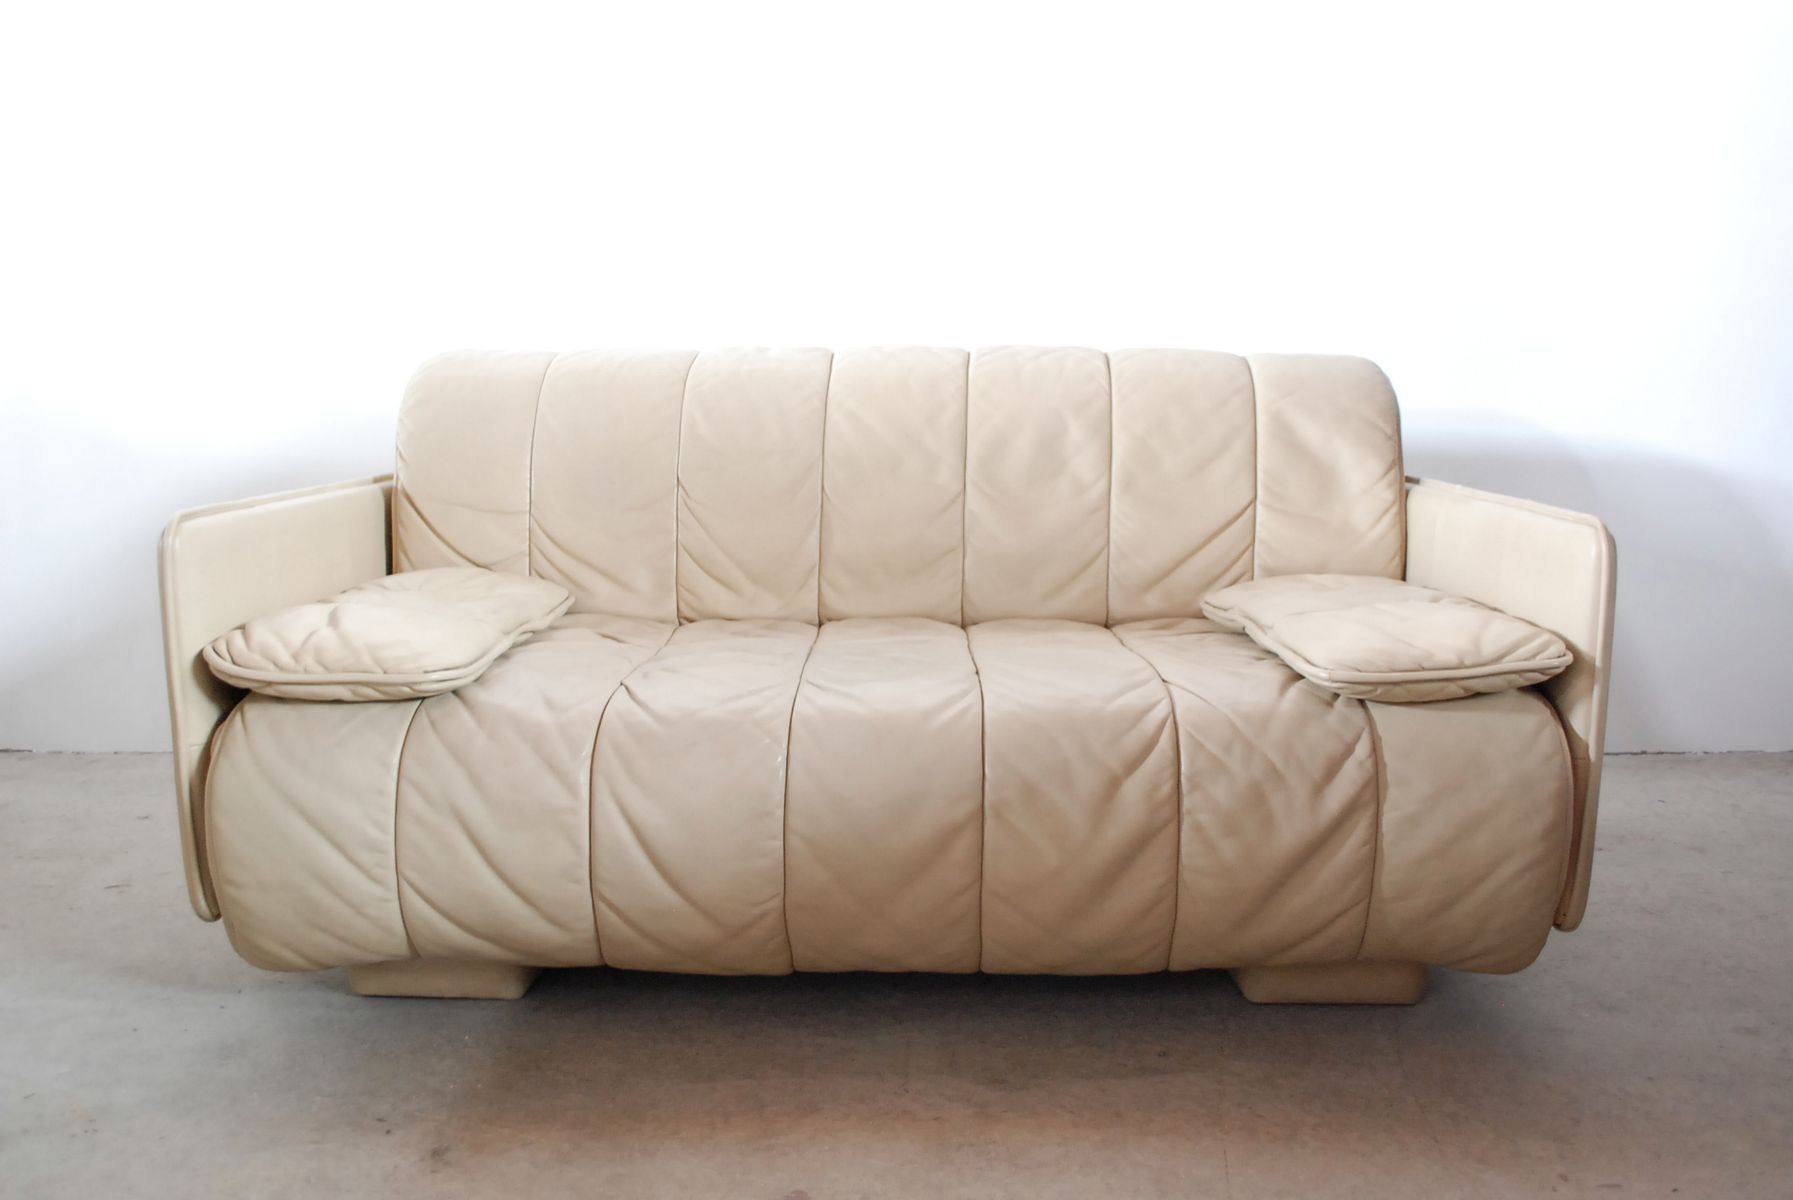 Big Sofa Kolonialstil Leder Design Sectional Sofa Online Billige Couch Online Kaufen Ecksofa Grau Struktur Sch Sofa Kolonialstil Ledersofa Couch Online